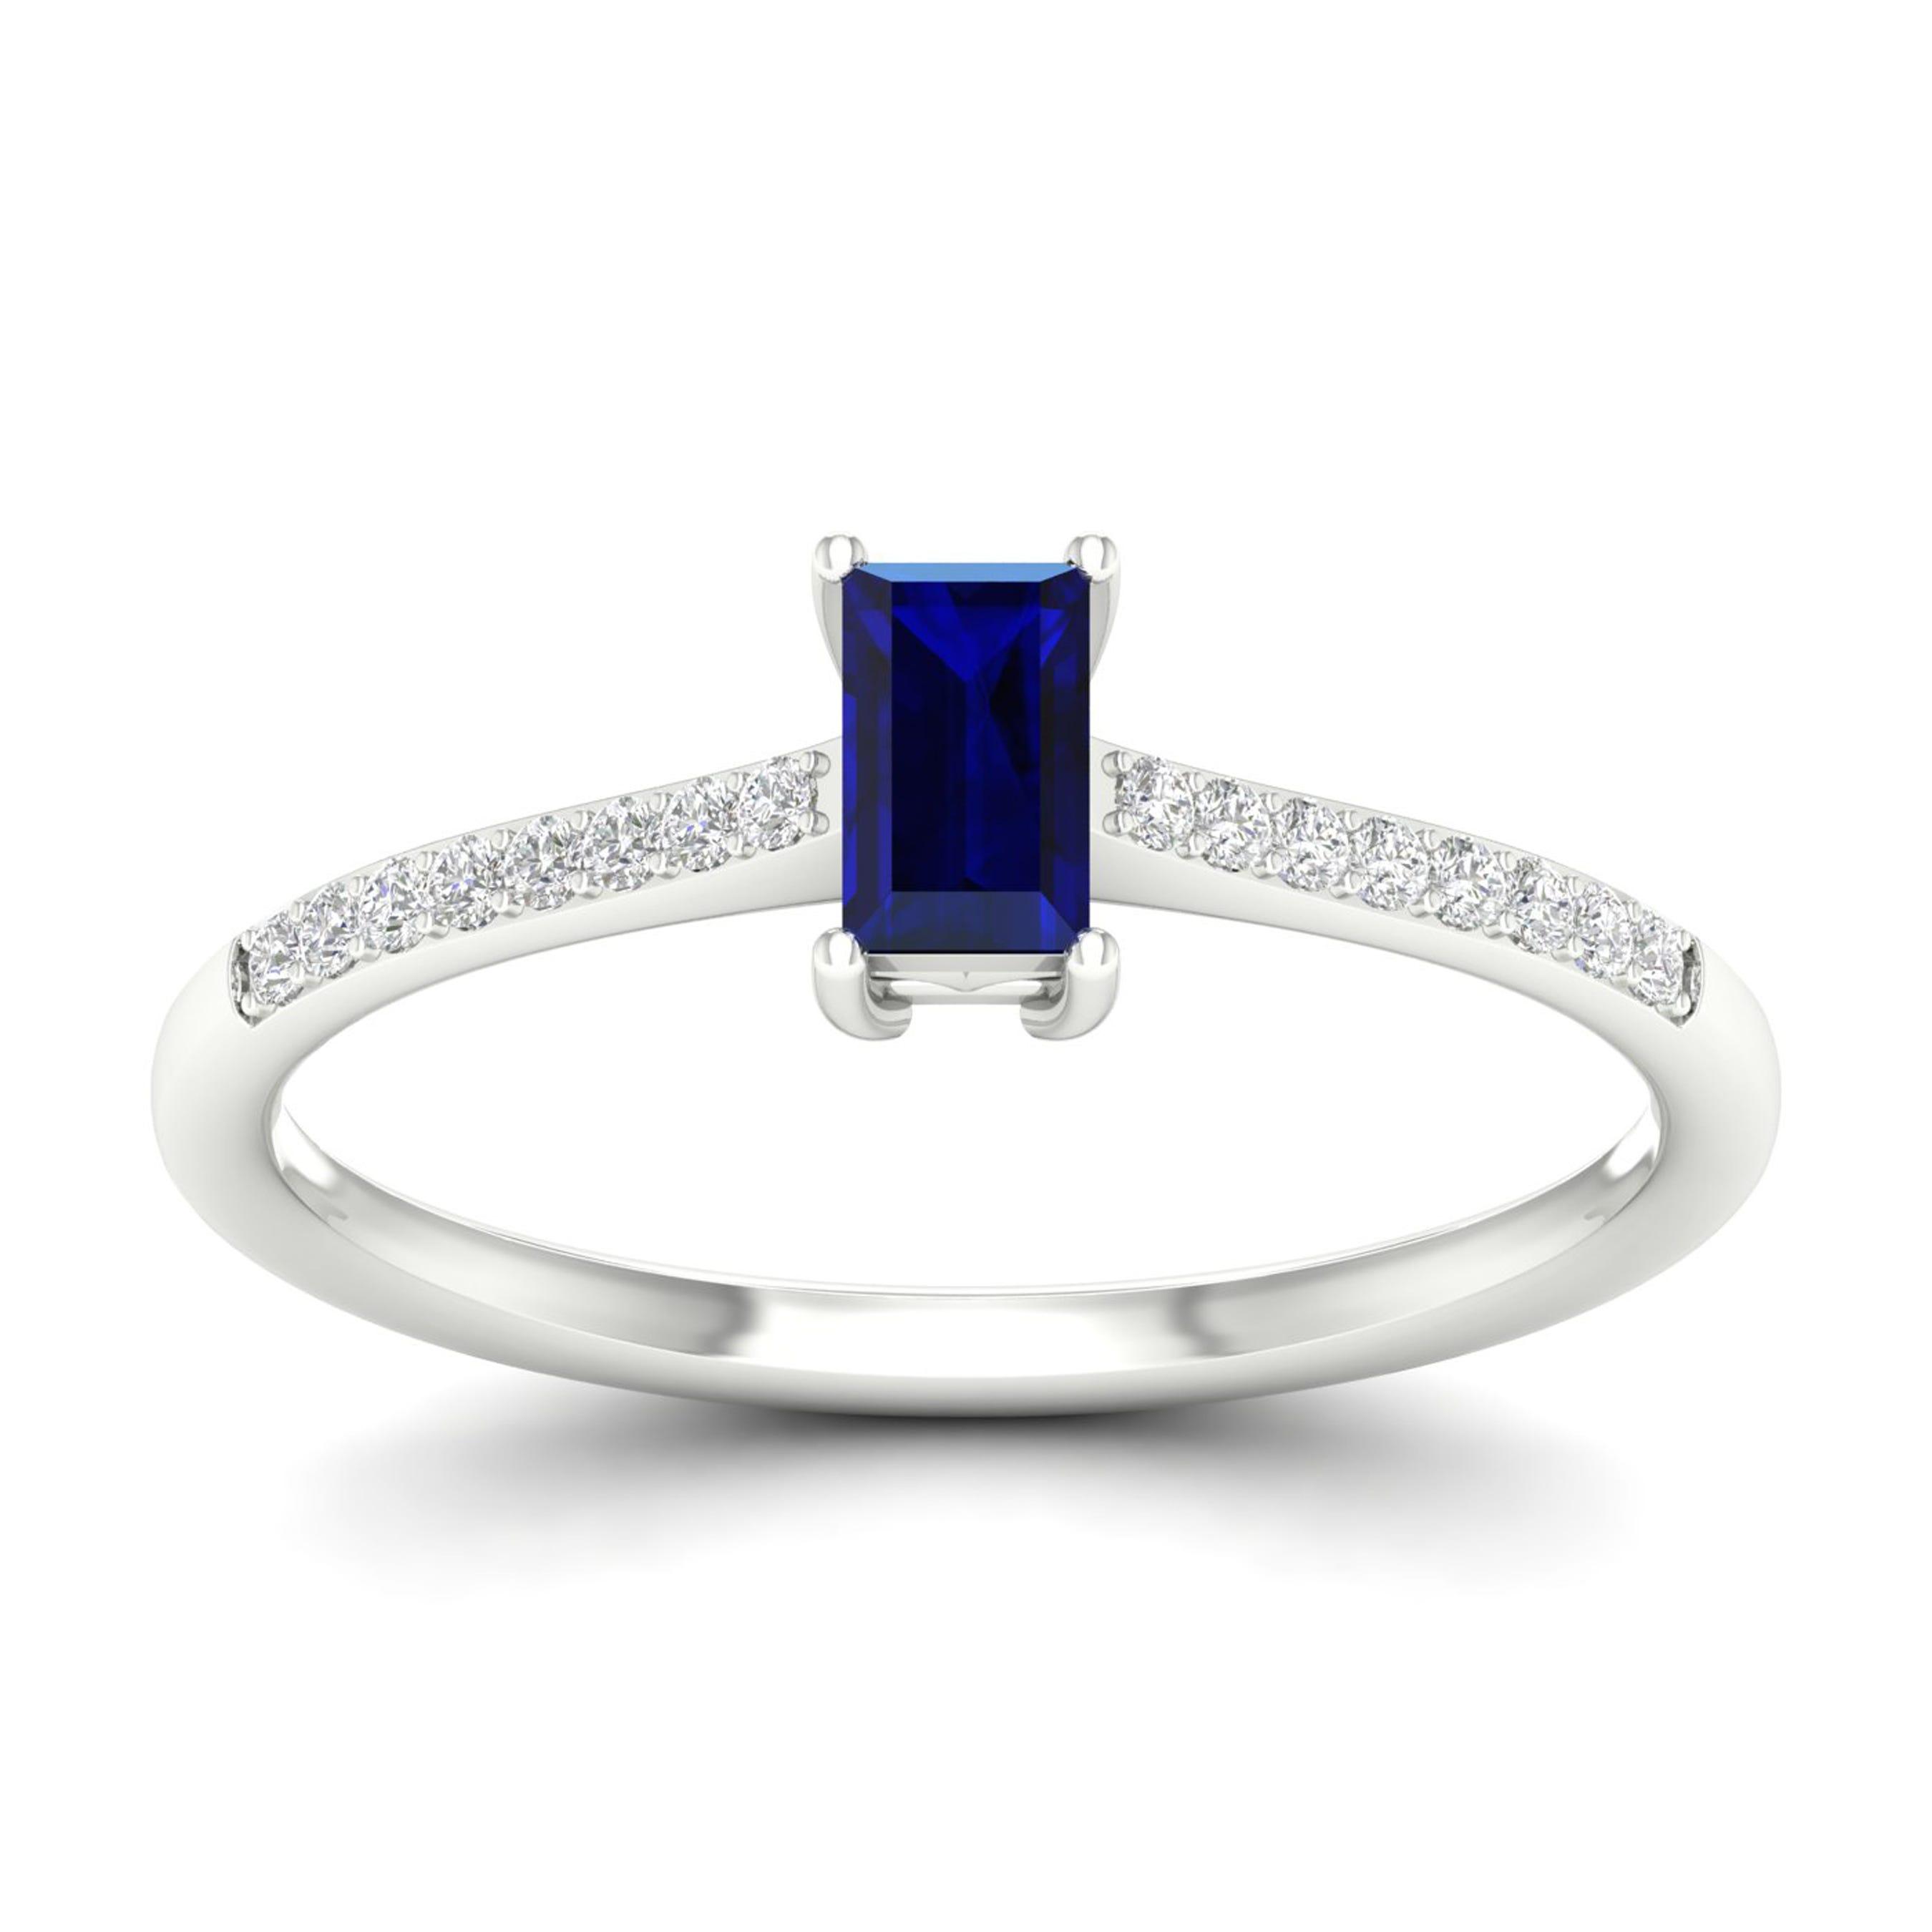 Emerald-Cut Blue Sapphire Classic Ring in 10k White Gold